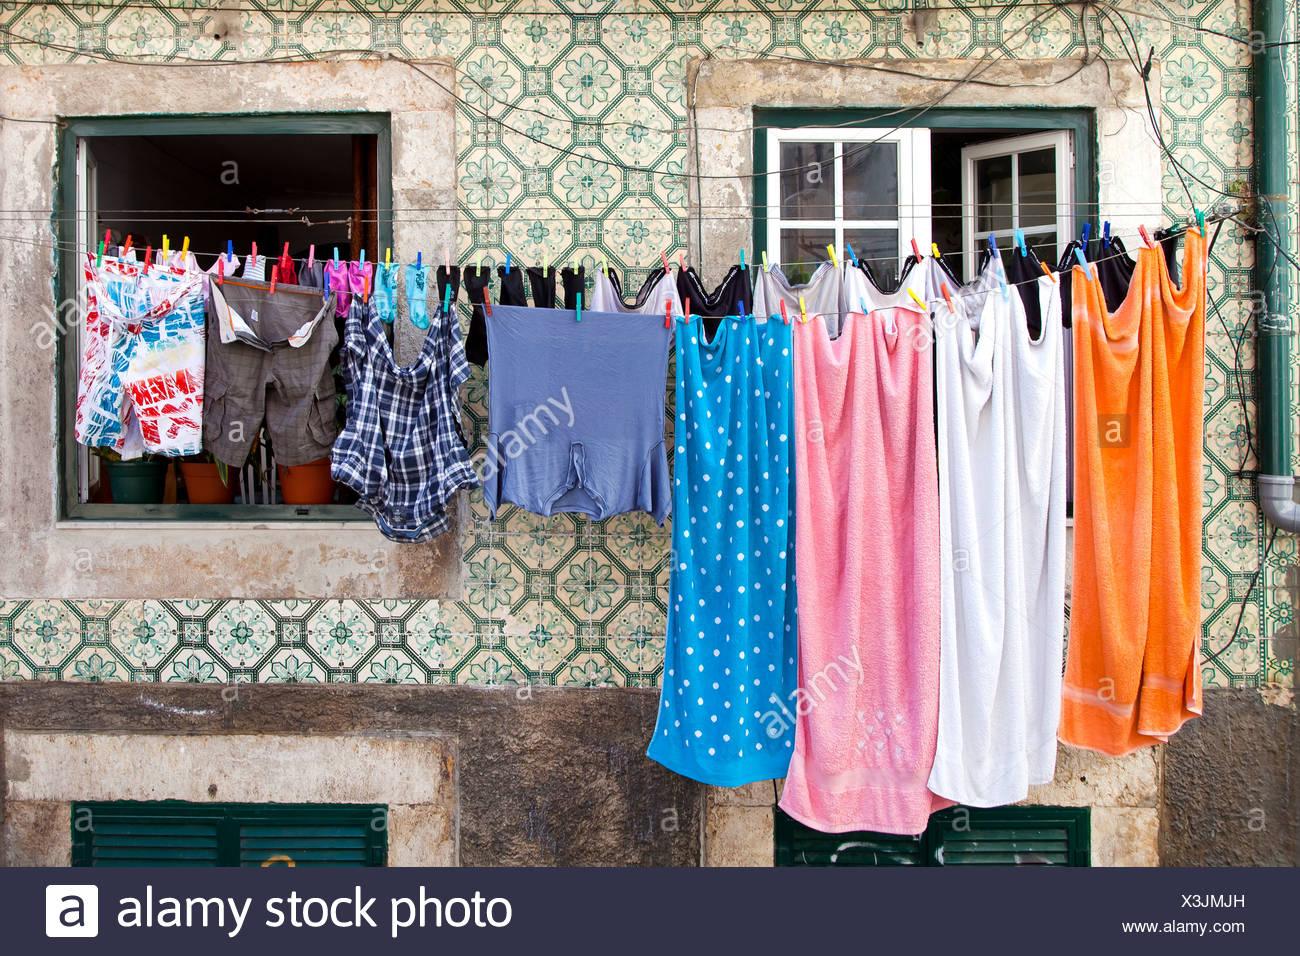 Servizio lavanderia appesi per asciugare l esterno facciata di una